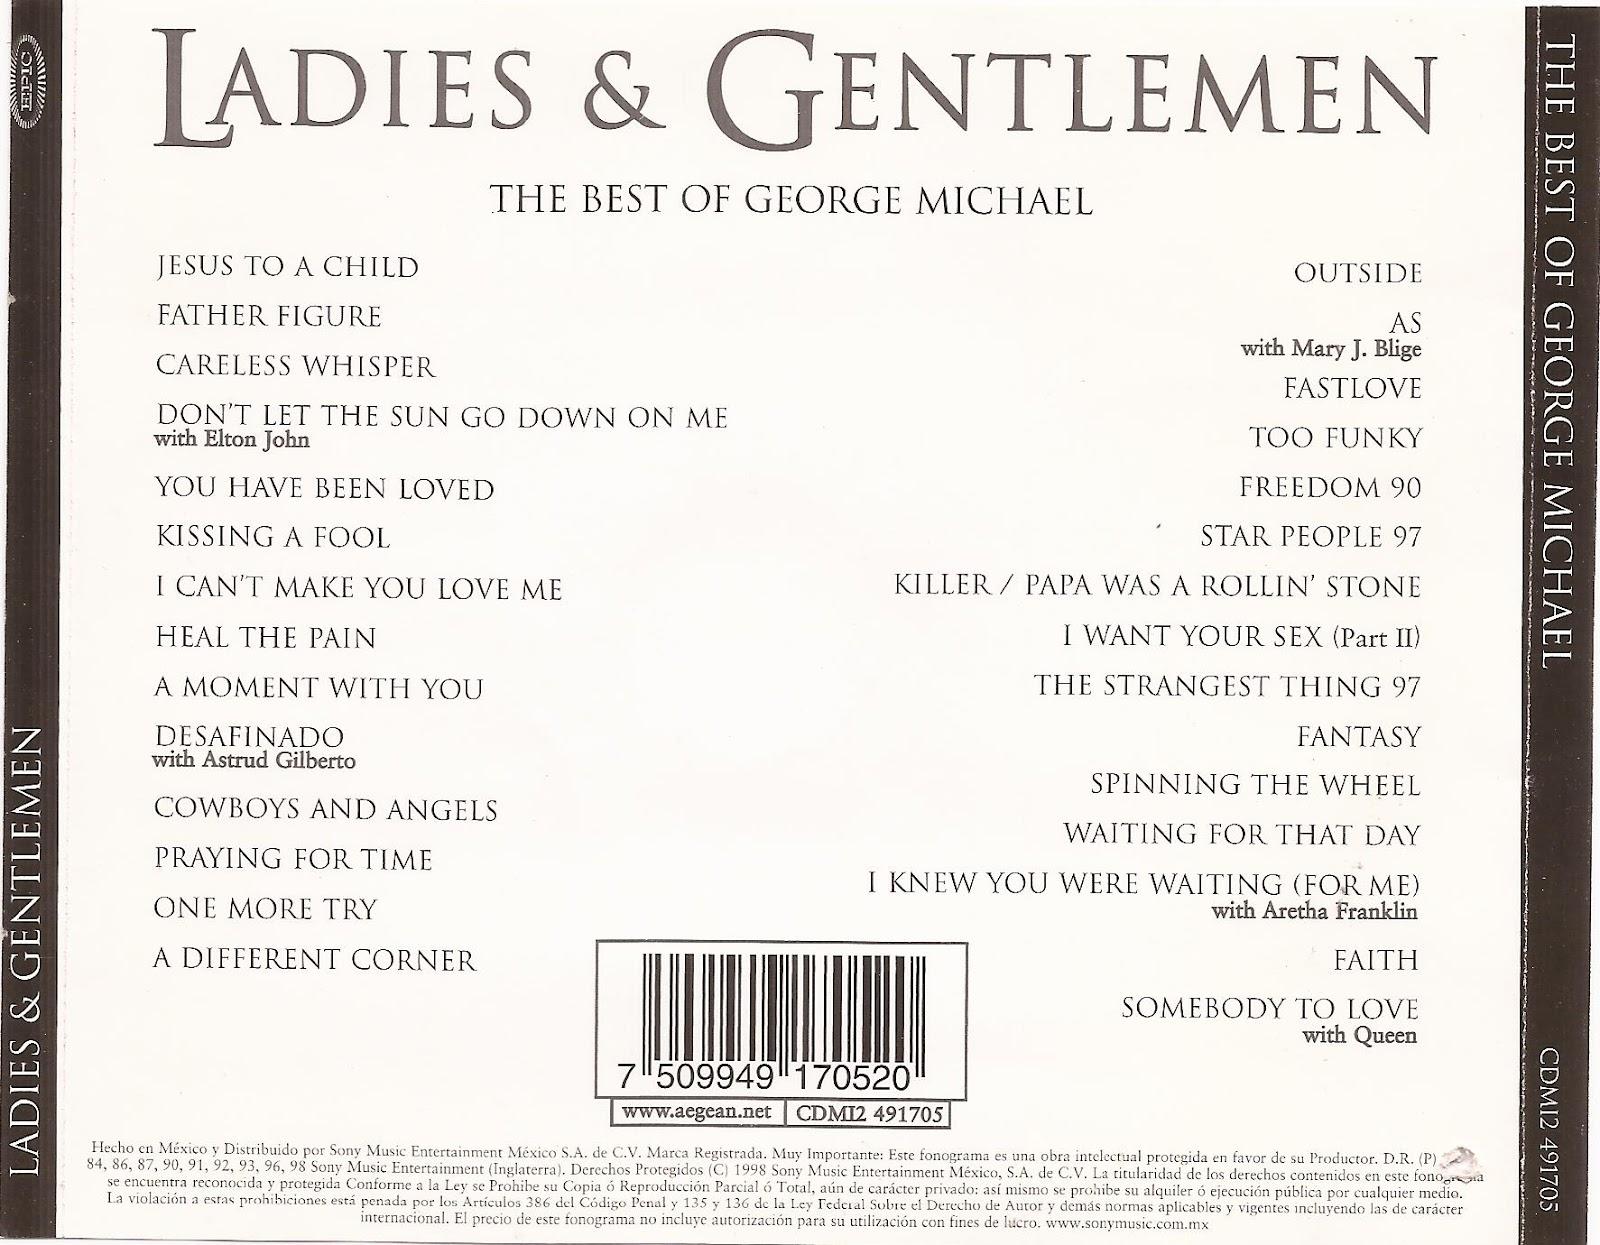 http://1.bp.blogspot.com/-vE5IW9SoEmo/T0WjS757geI/AAAAAAAACEc/PXkgGwidZEI/s1600/Best+of+George+Michael+contraportada.jpg